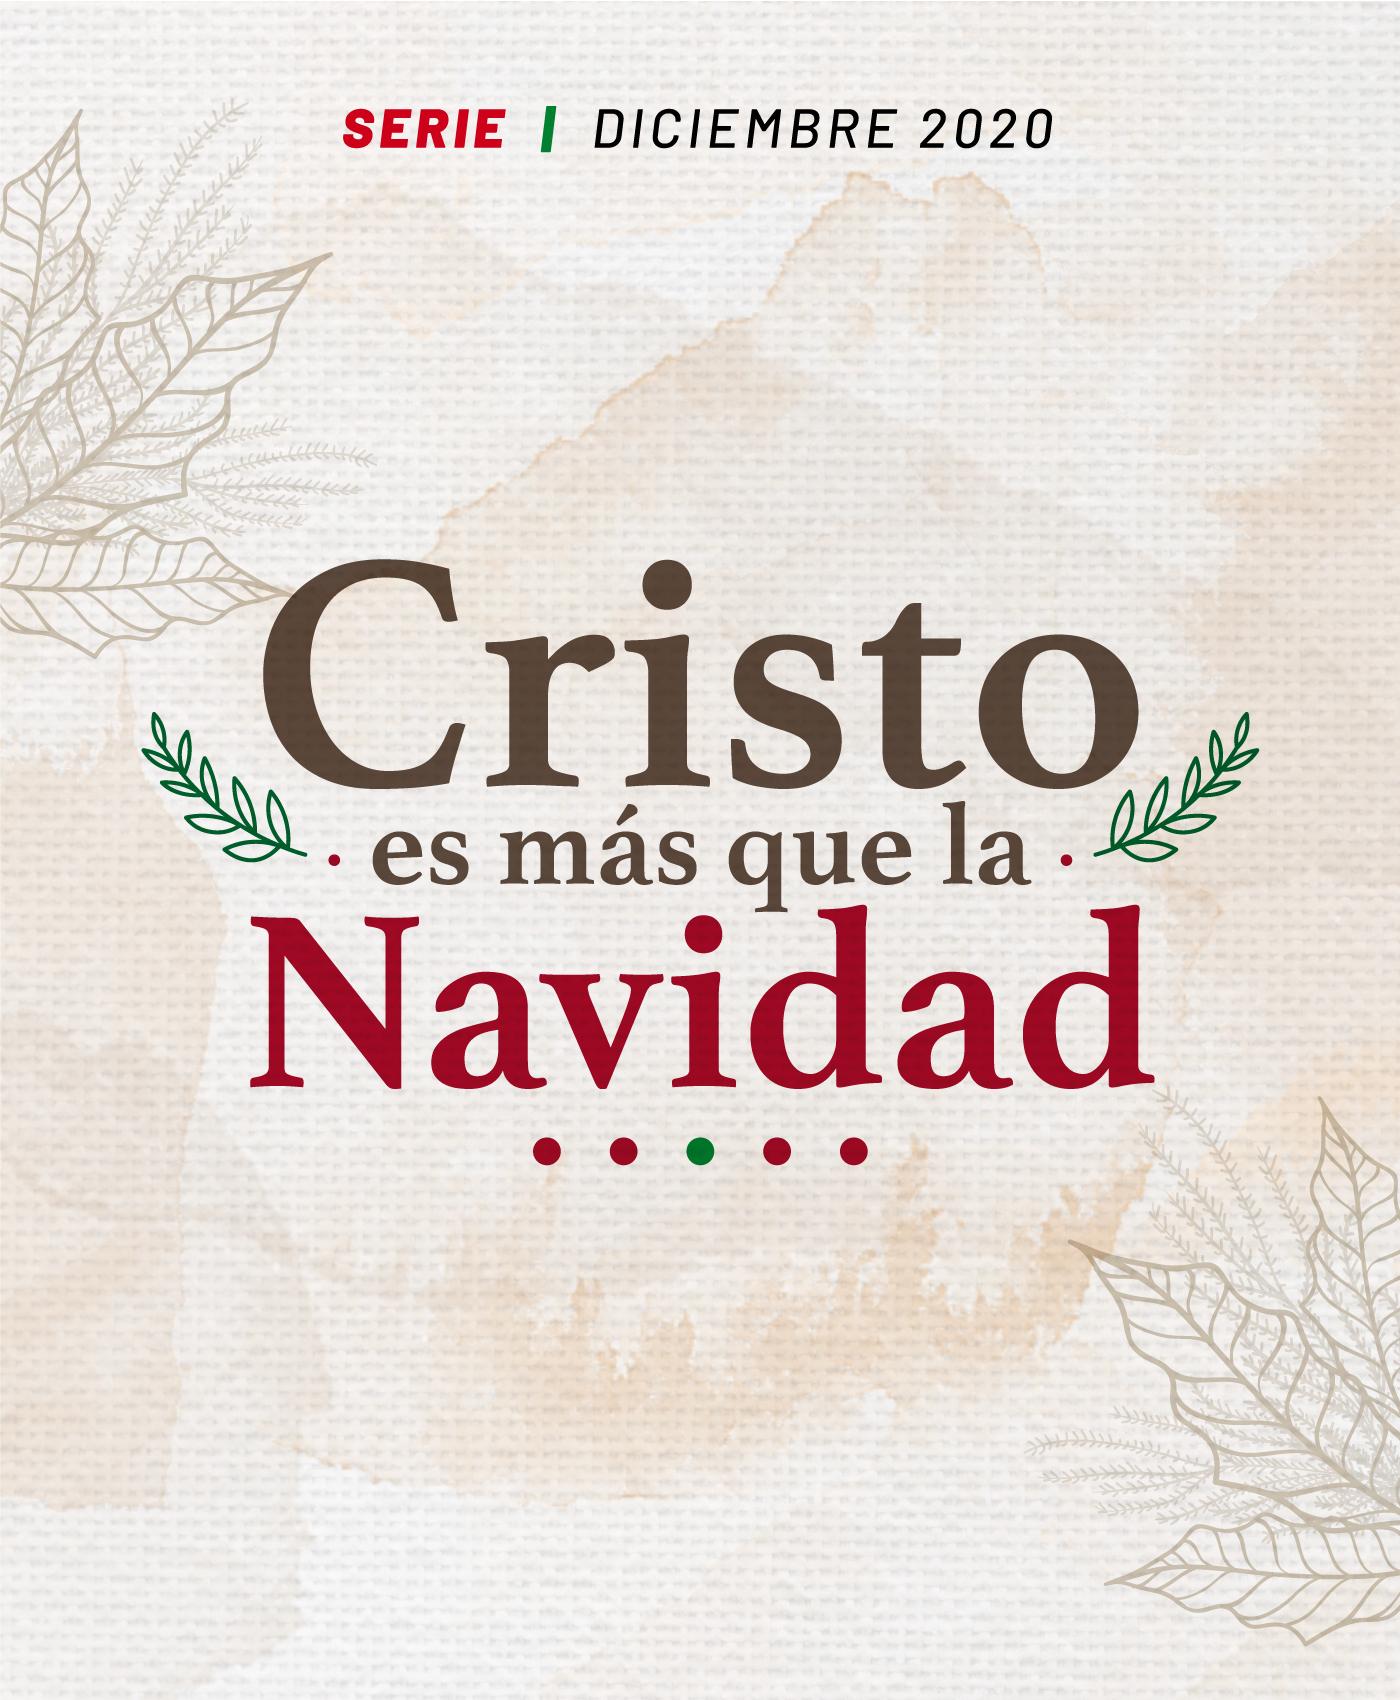 Cristo es más que la Navidad